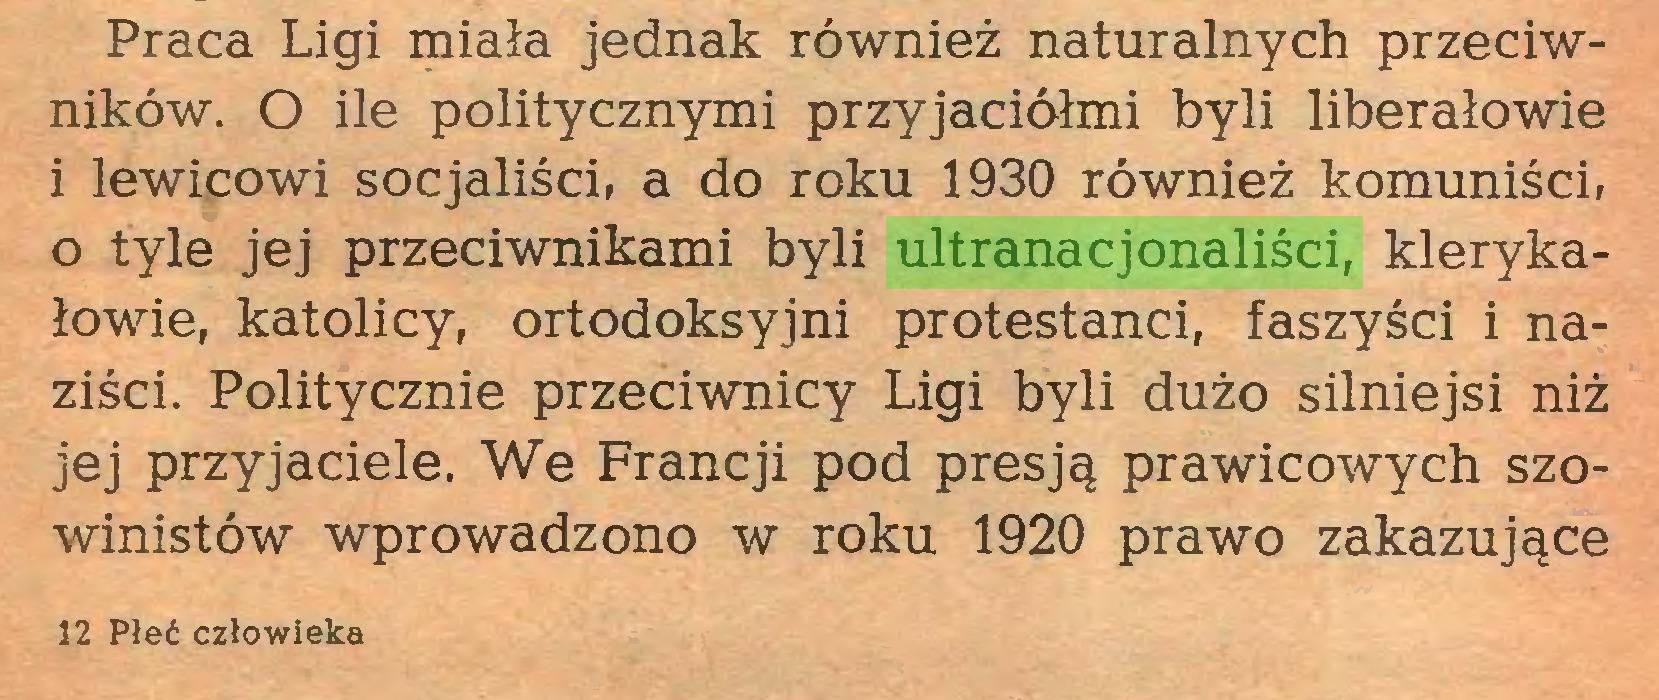 (...) Praca Ligi miała jednak również naturalnych przeciwników. O ile politycznymi przyjaciółmi byli liberałowie i lewicowi socjaliści, a do roku 1930 również komuniści, o tyle jej przeciwnikami byli ultranacjonaliści, klerykałowie, katolicy, ortodoksyjni protestanci, faszyści i naziści. Politycznie przeciwnicy Ligi byli dużo silniejsi niż jej przyjaciele. We Francji pod presją prawicowych szowinistów wprowadzono w roku 1920 prawo zakazujące 12 Płeć człowieka...